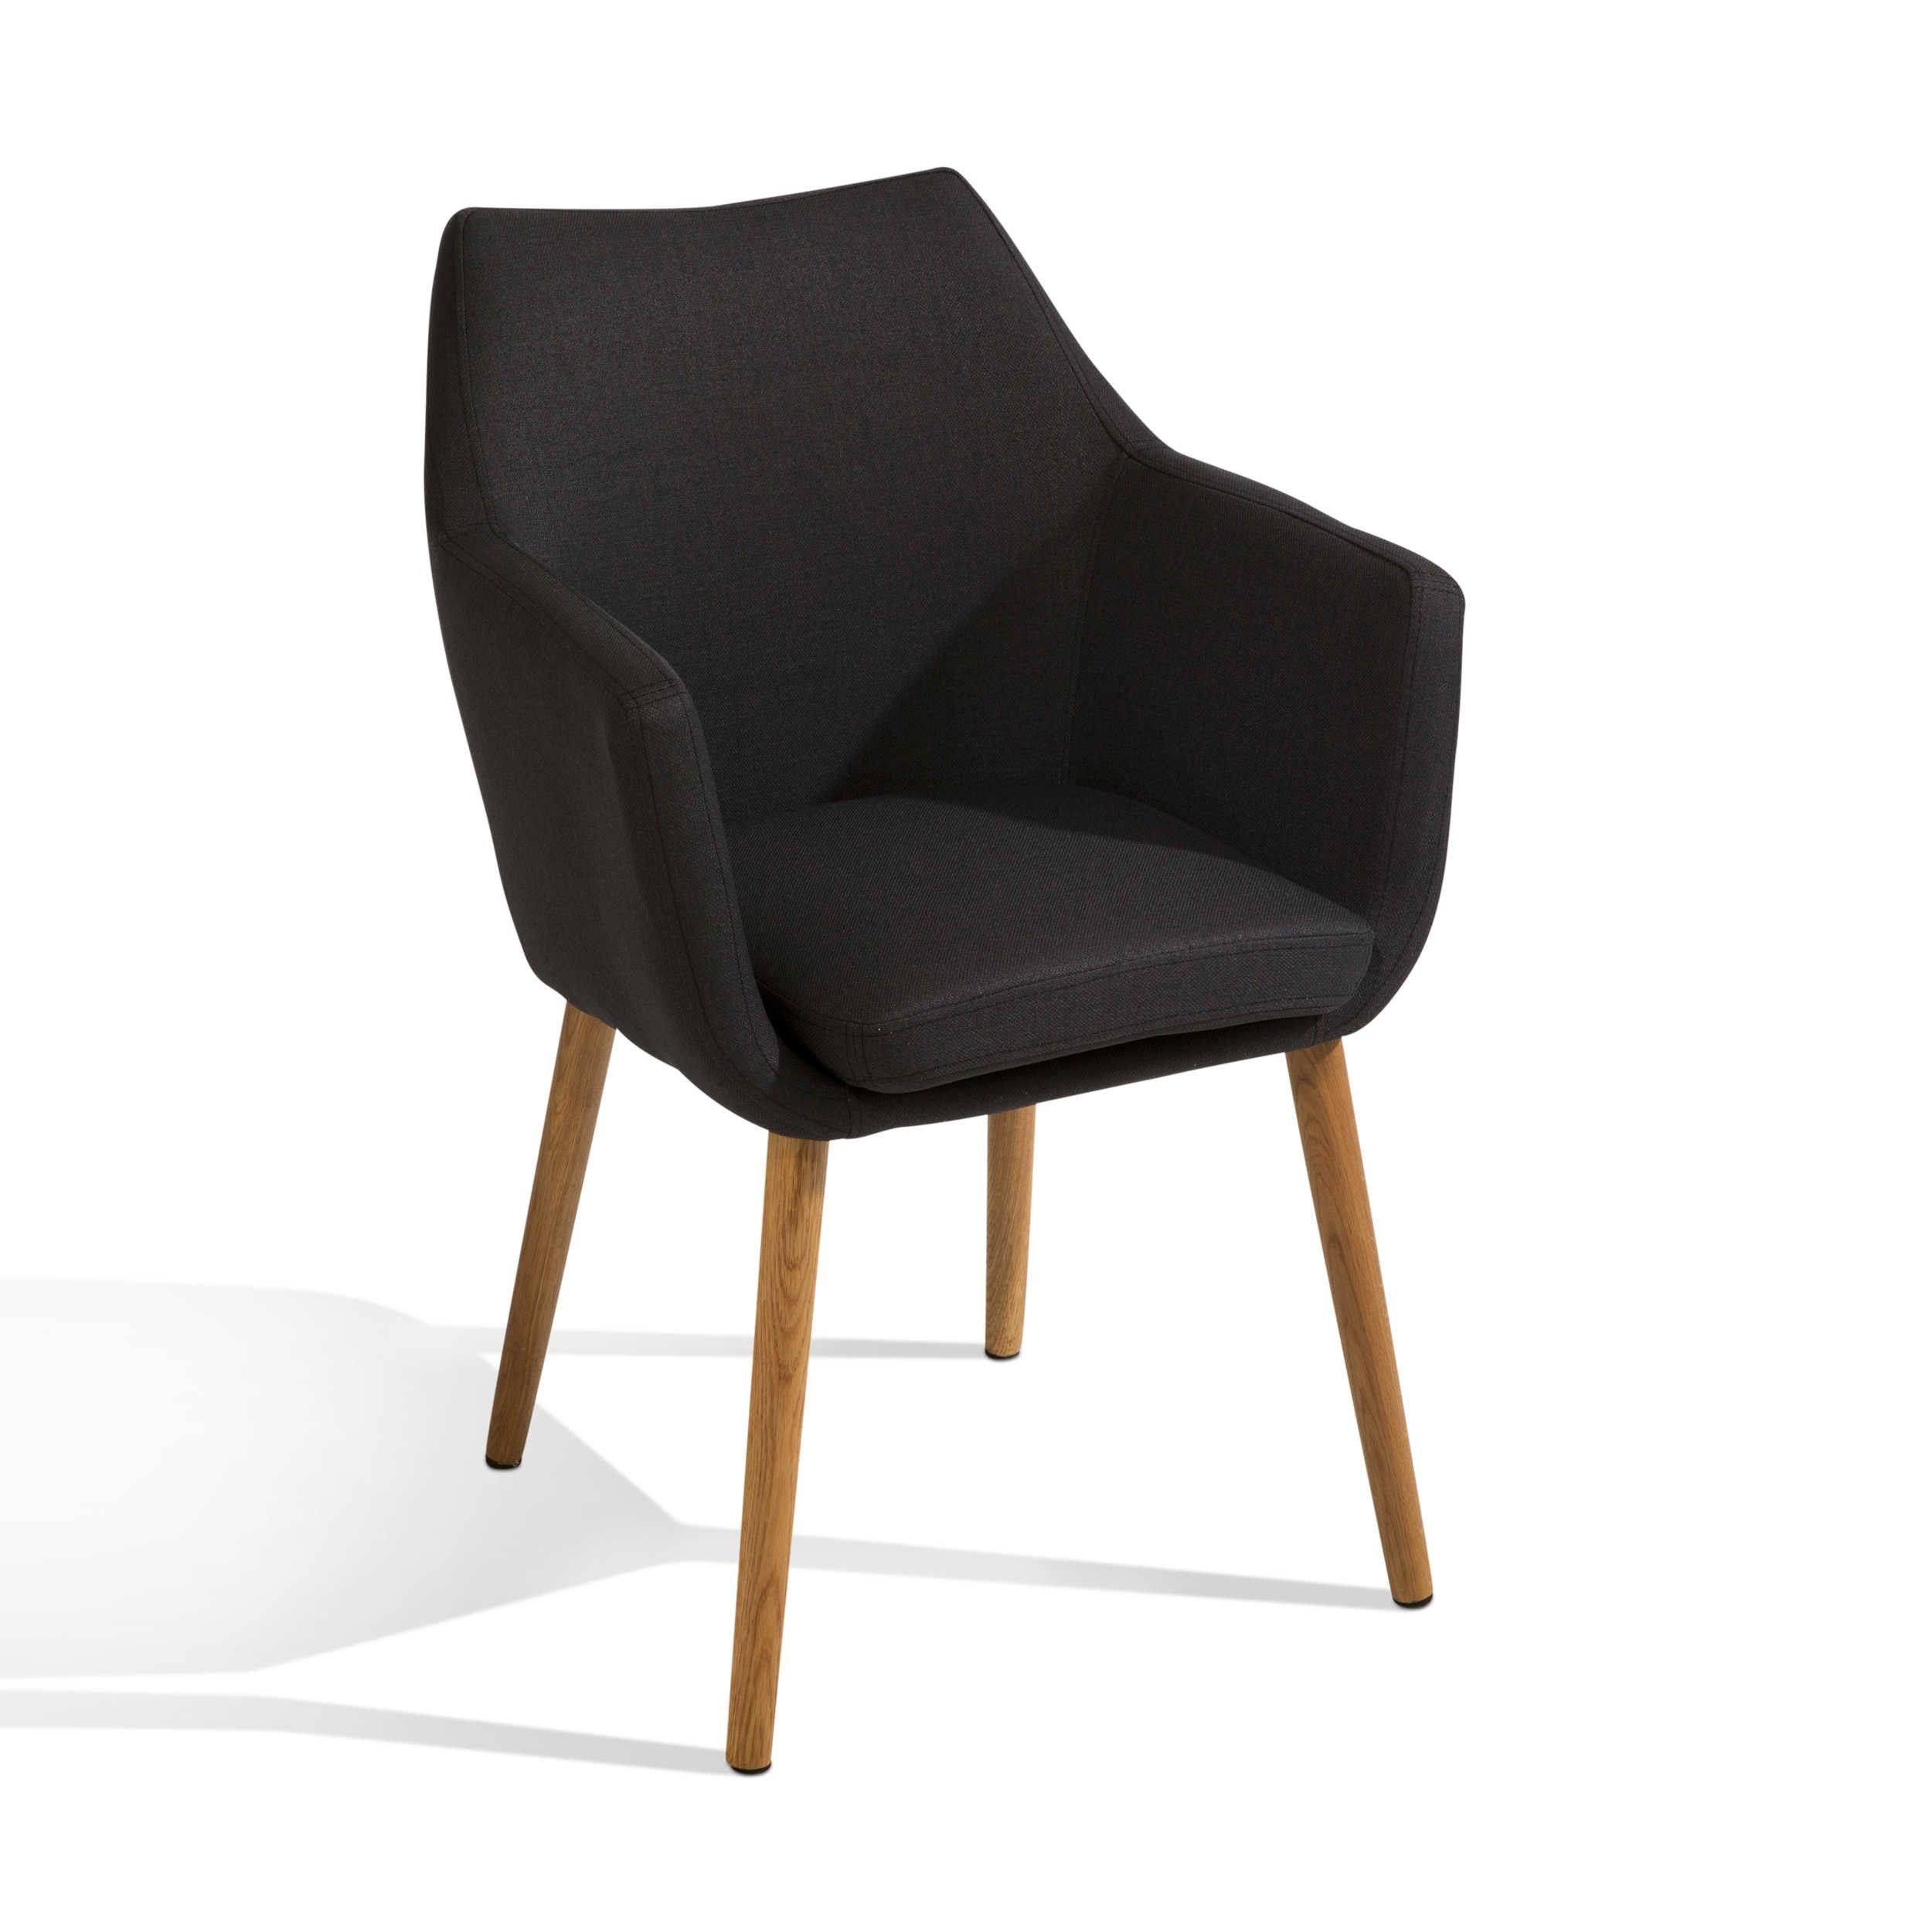 Esstisch stühle stoff  Stuhl Petrulli - 4 Fuß Stühle - Stühle & Freischwinger - Esszimmer ...